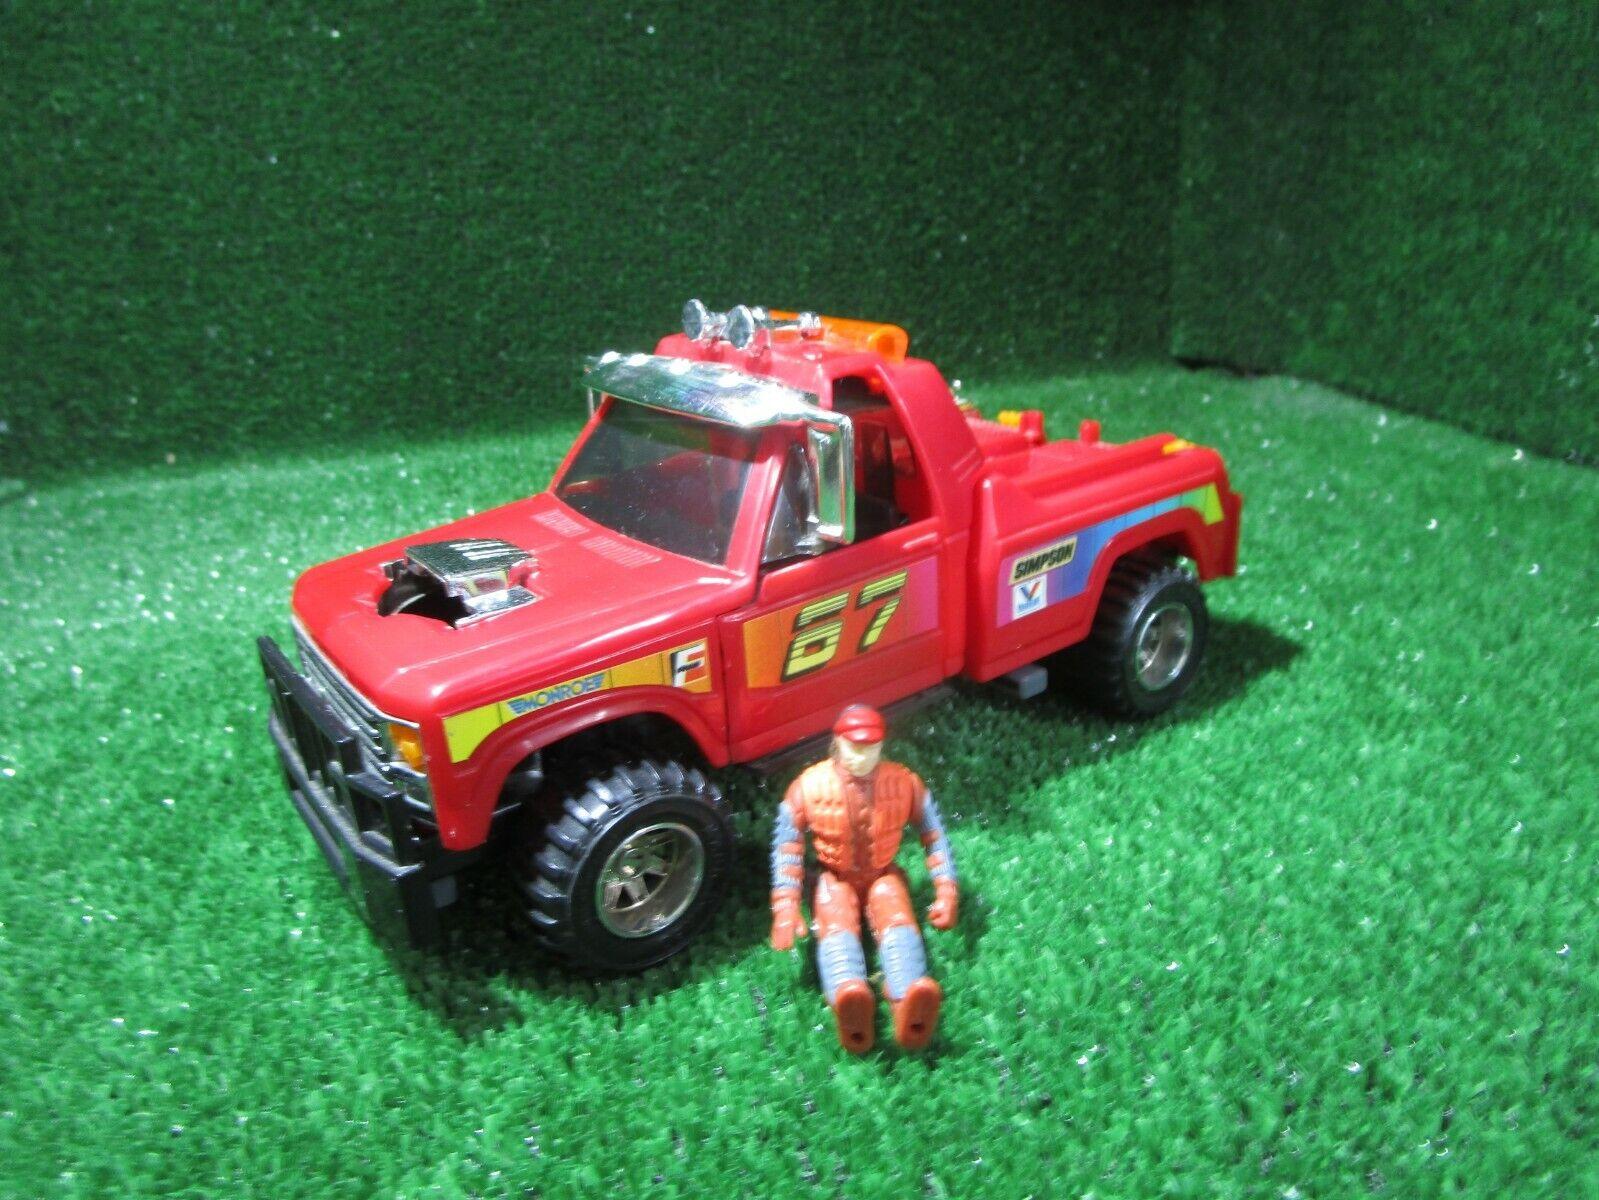 Authentic Maschera M.A.S.K WILDCAT Kenner veicolo senza  confezione giocattolo con la cifra  consegna gratuita e veloce disponibile